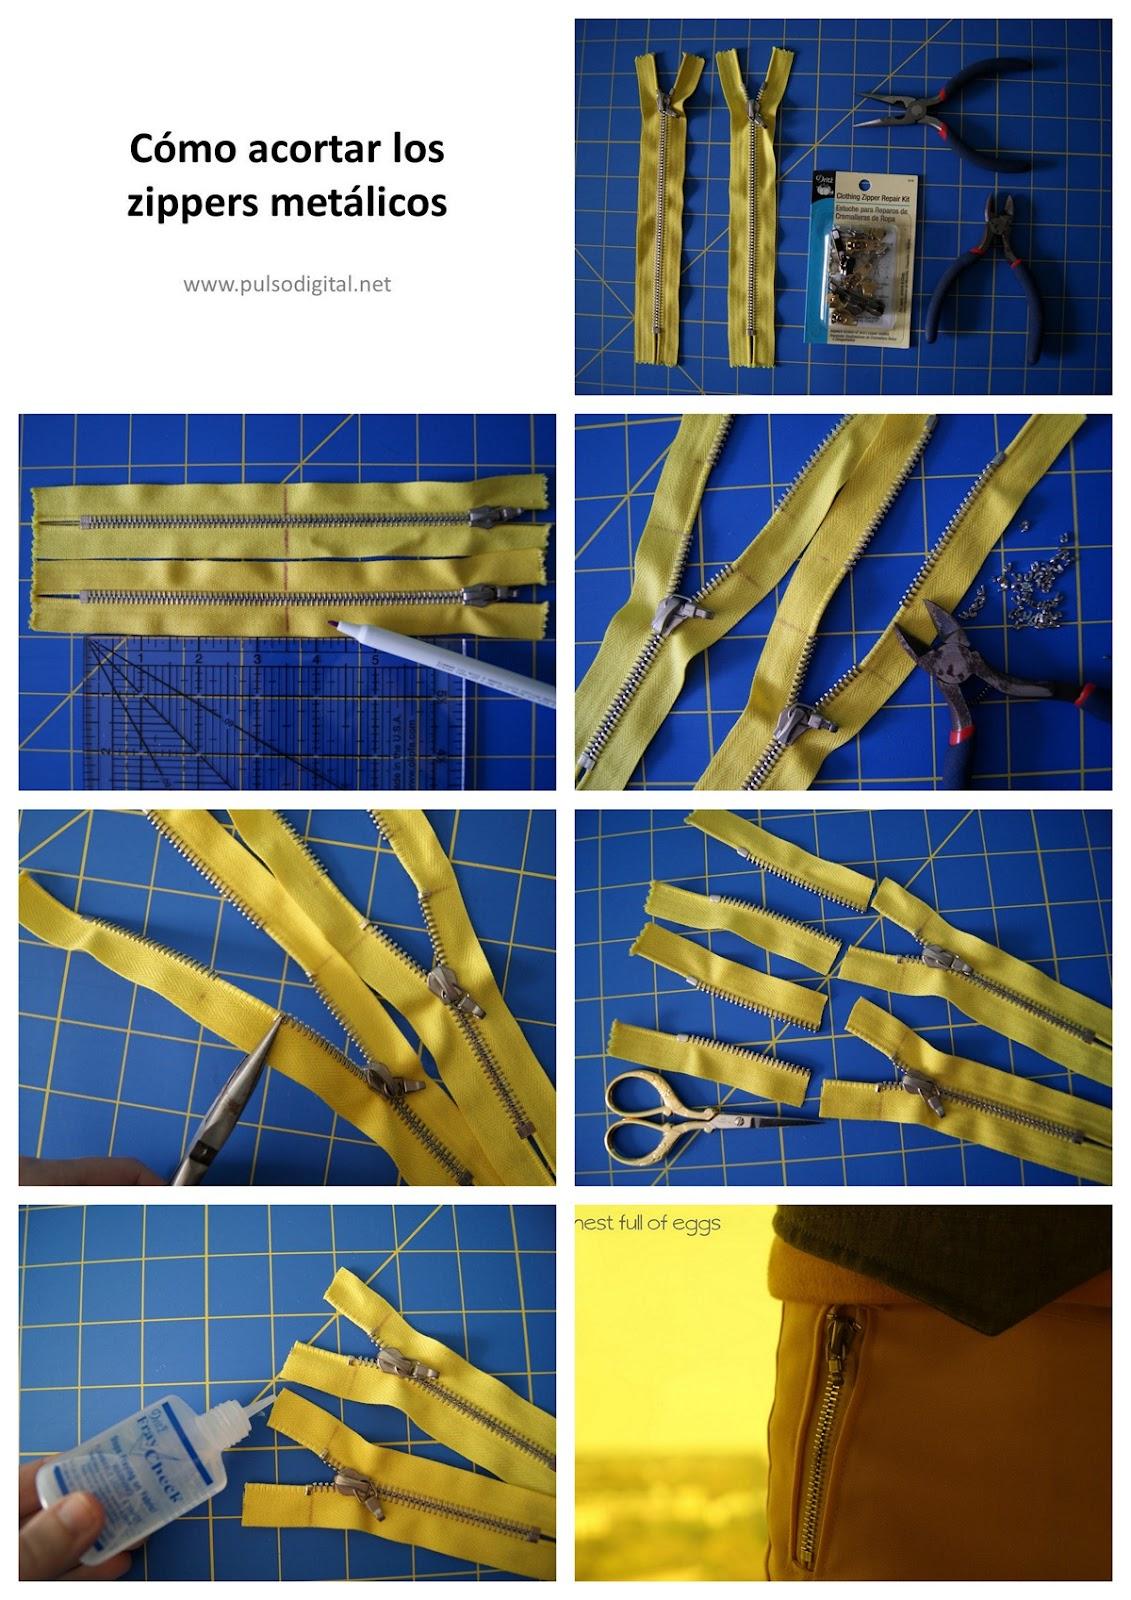 Cómo acortar los zippers metálicos